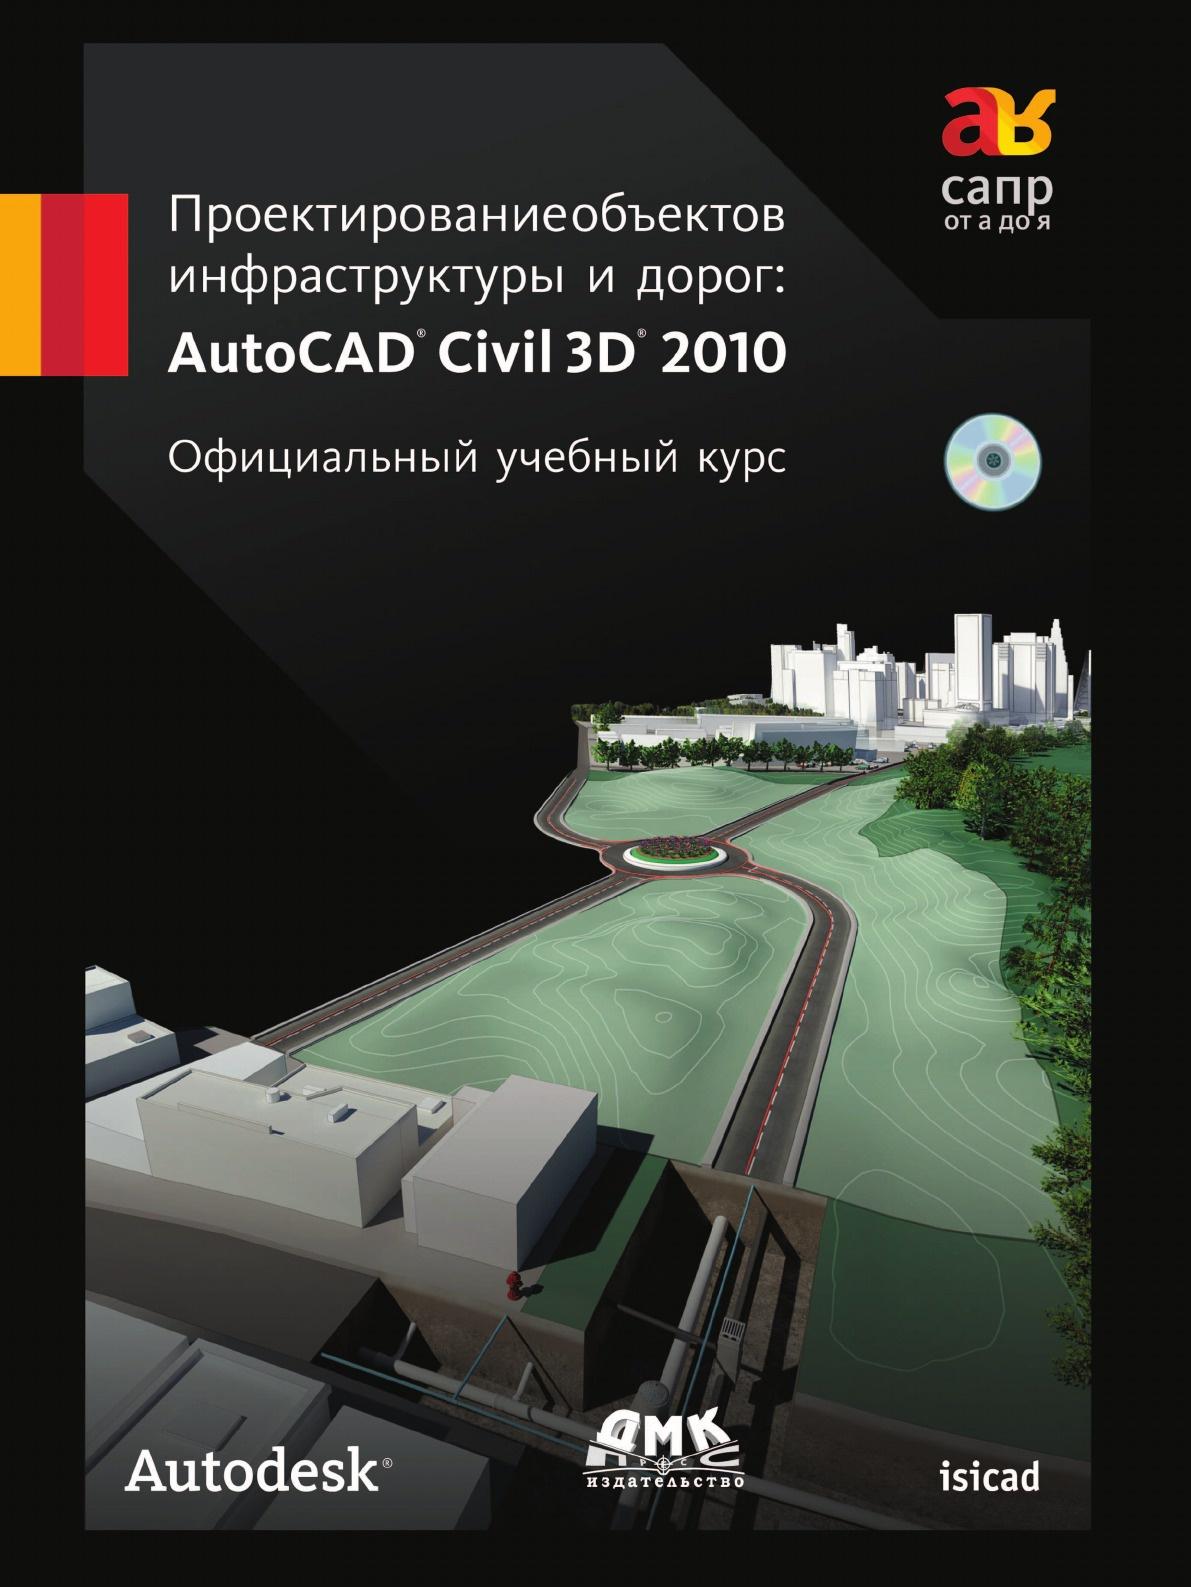 цена на Проектирование объектов инфраструктуры и дорог. AutoCAD Civil 3D 2010. Официальный учебный курс